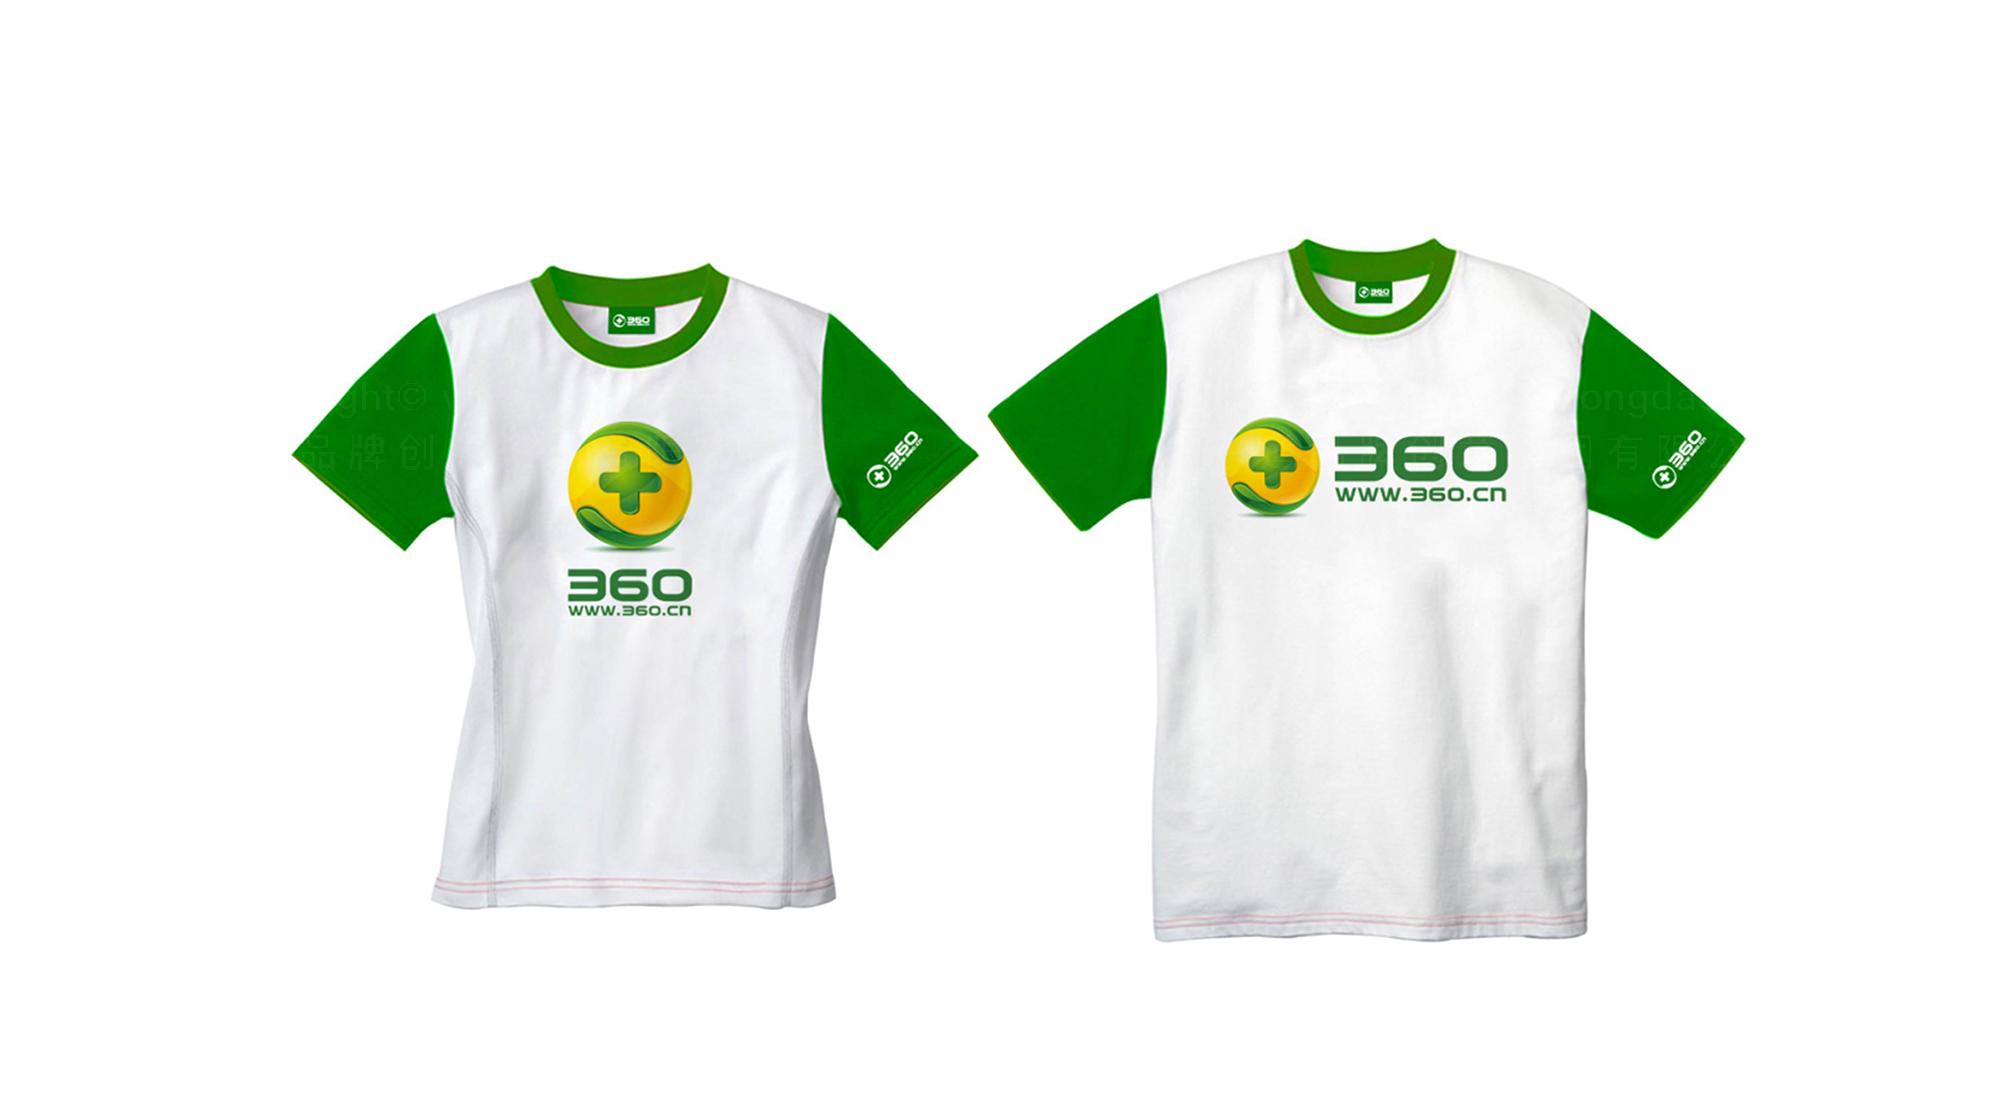 品牌设计360安全中心LOGO&VI设计应用场景_3